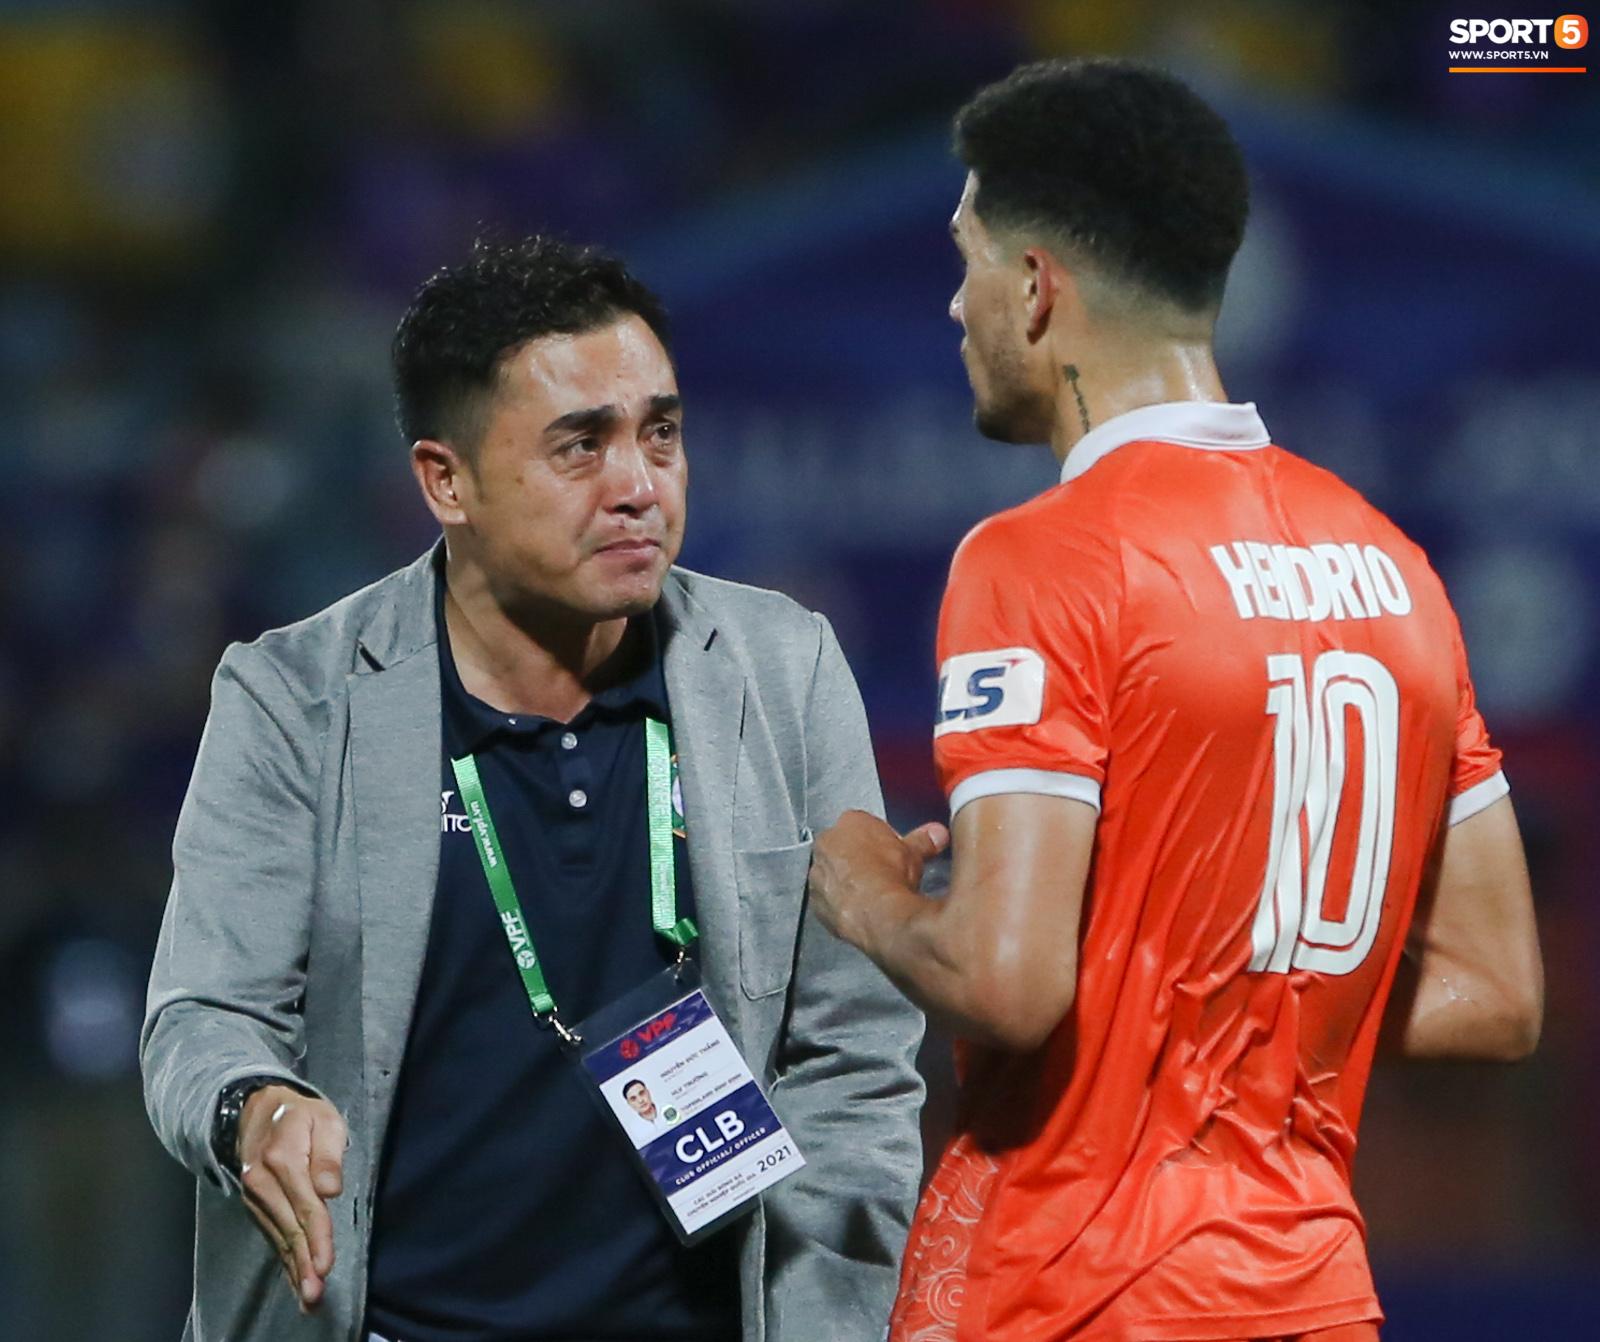 Cựu cầu thủ U16 Barca nằm sân câu giờ, bị HLV Bình Định mắng không hiểu gì về bóng đá Việt Nam - ảnh 8